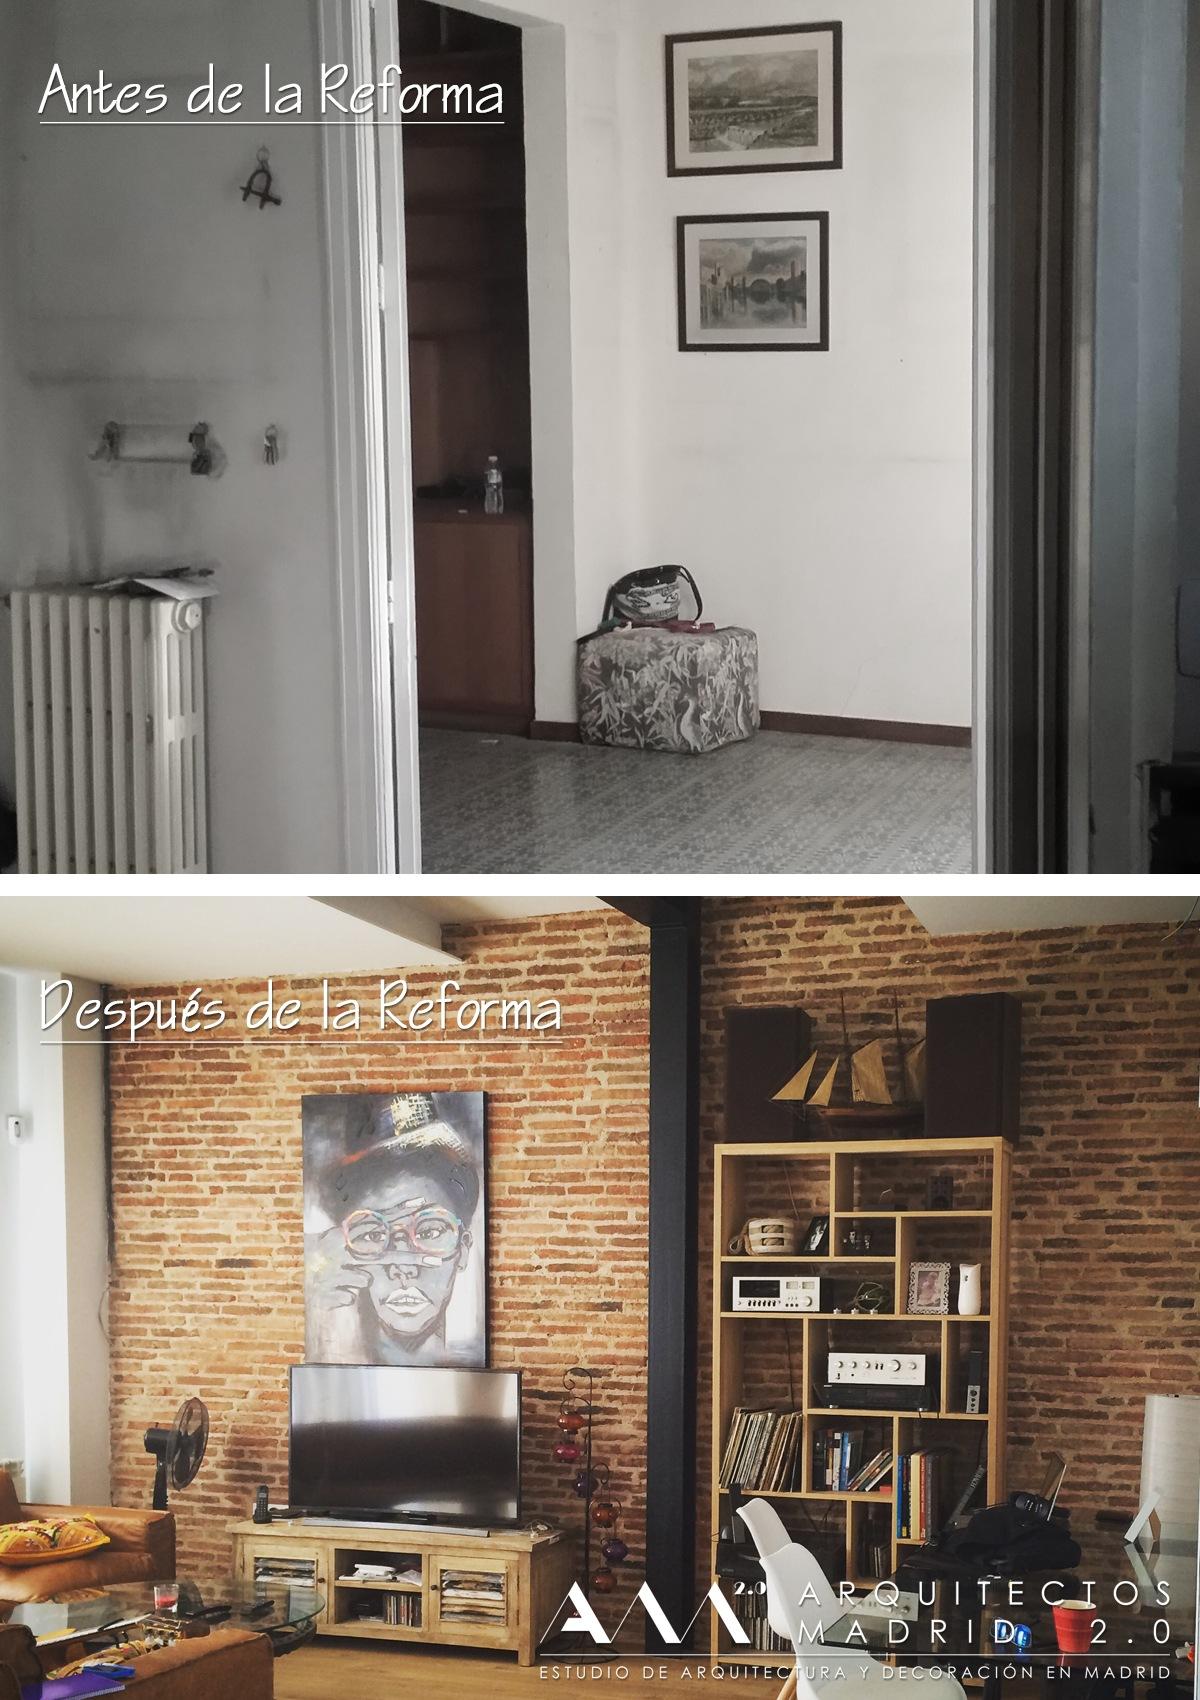 reformas-viviendas-ideas-antes-despues-pisos-casas-obras-08